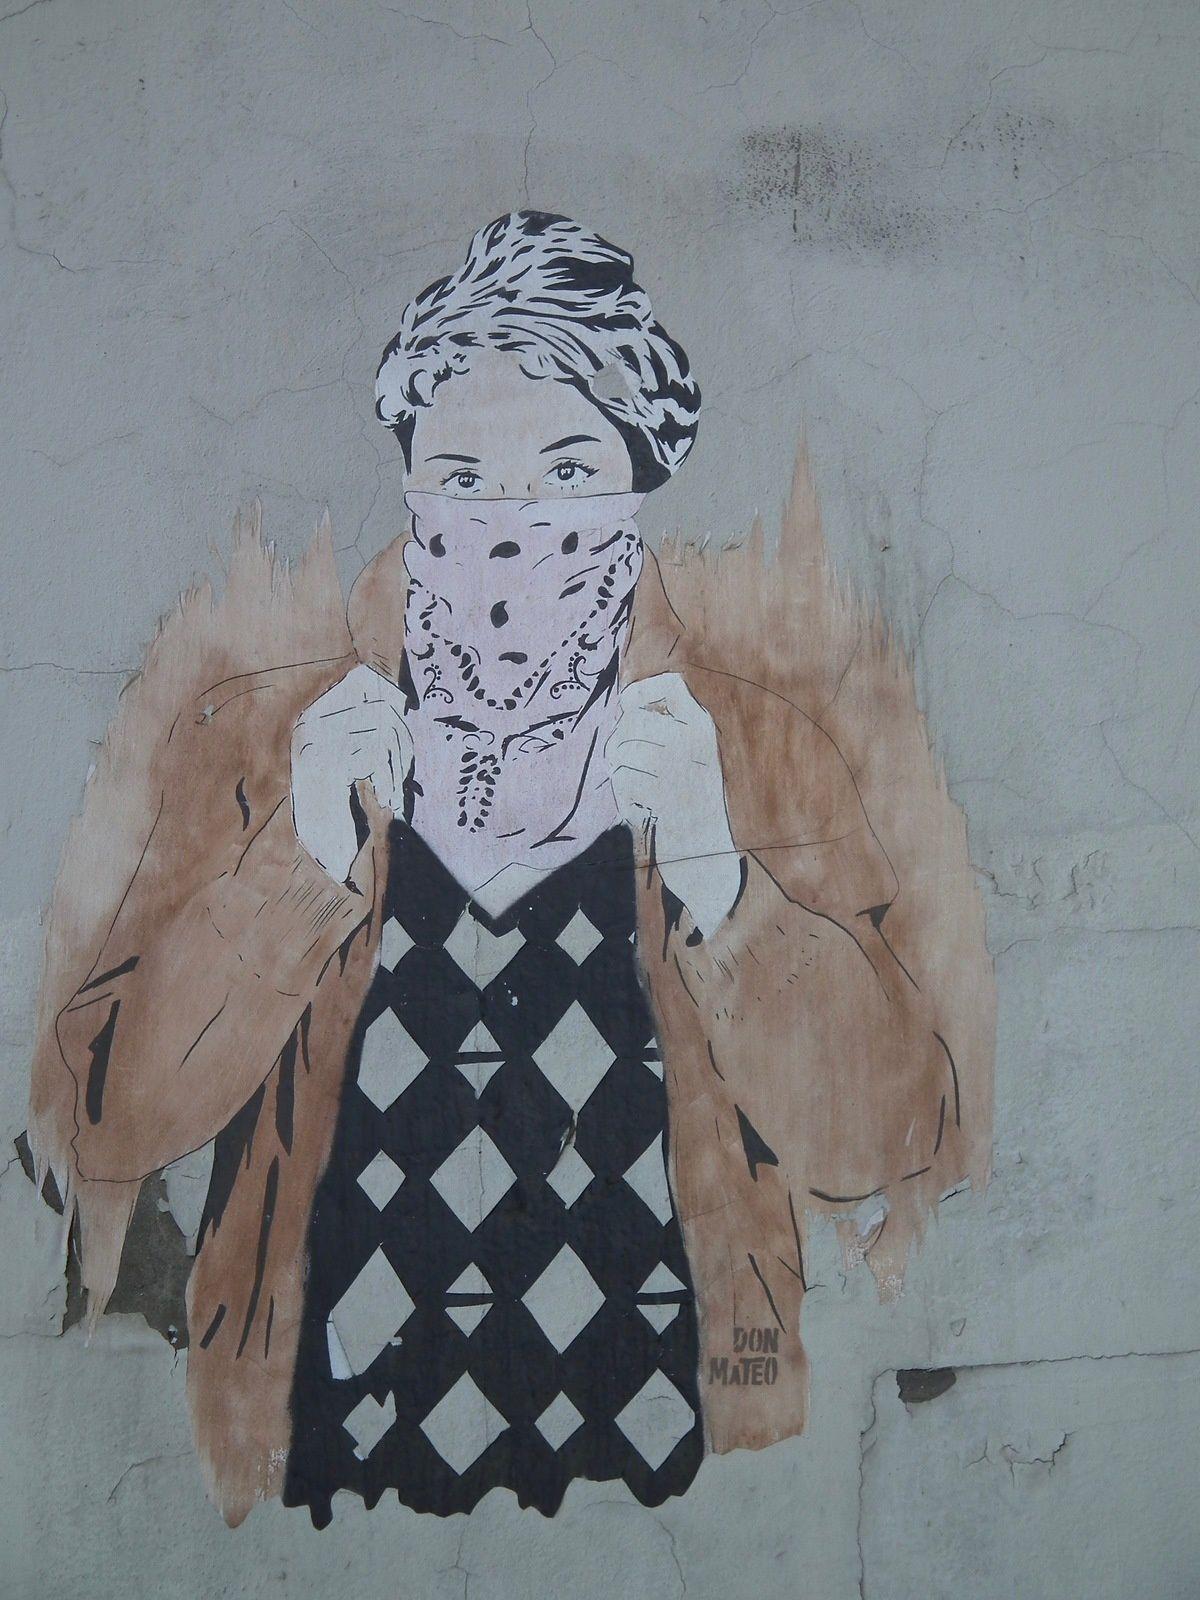 Lugdunum street art... 8